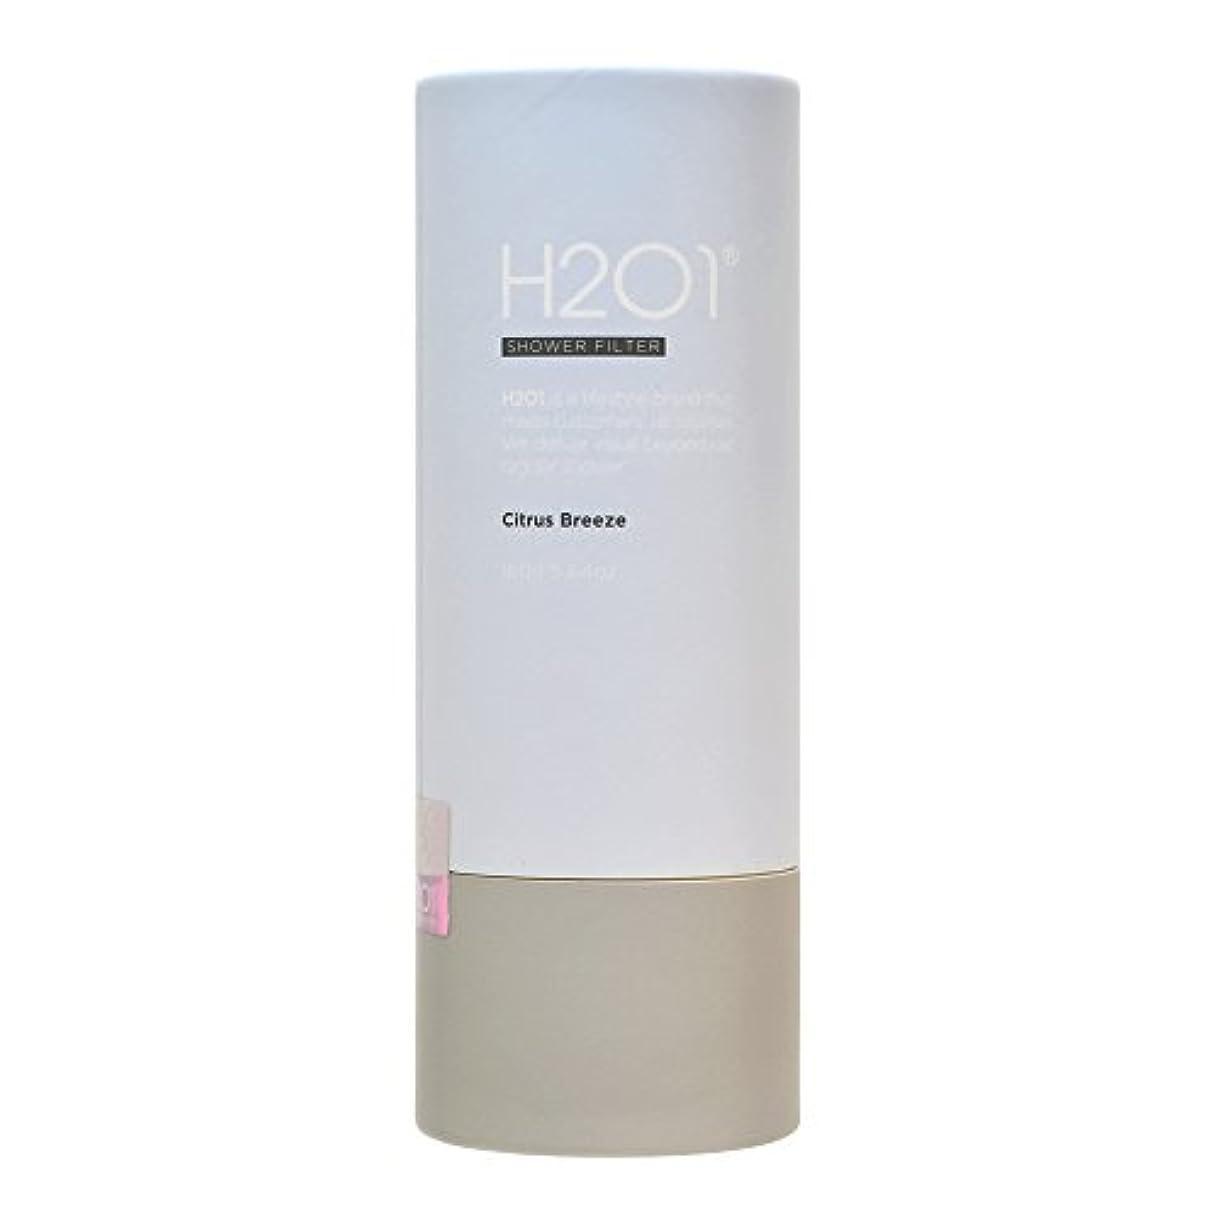 変成器食品学ぶH2O1 (エイチツーオーワン) シャワーフィルター シトラスブリーズ